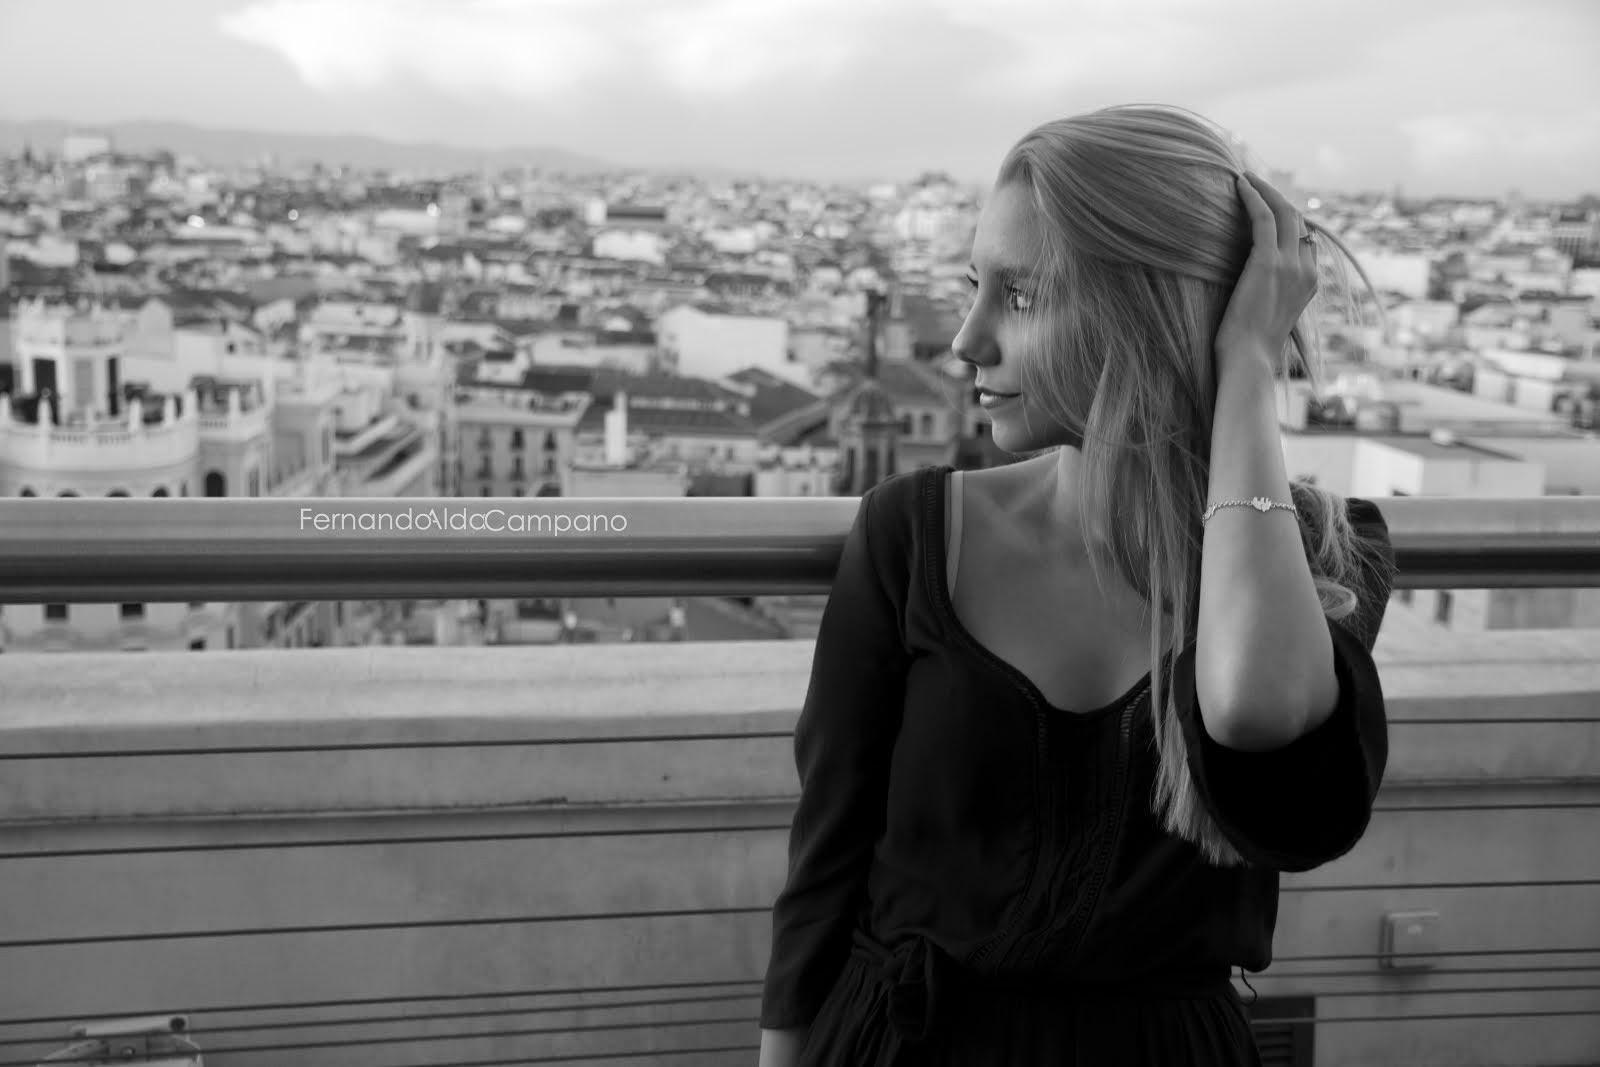 Locura, ¿qué es locura?  Una actitud, un miedo, una penumbra, una sonrisa, un beso, un te quiero.